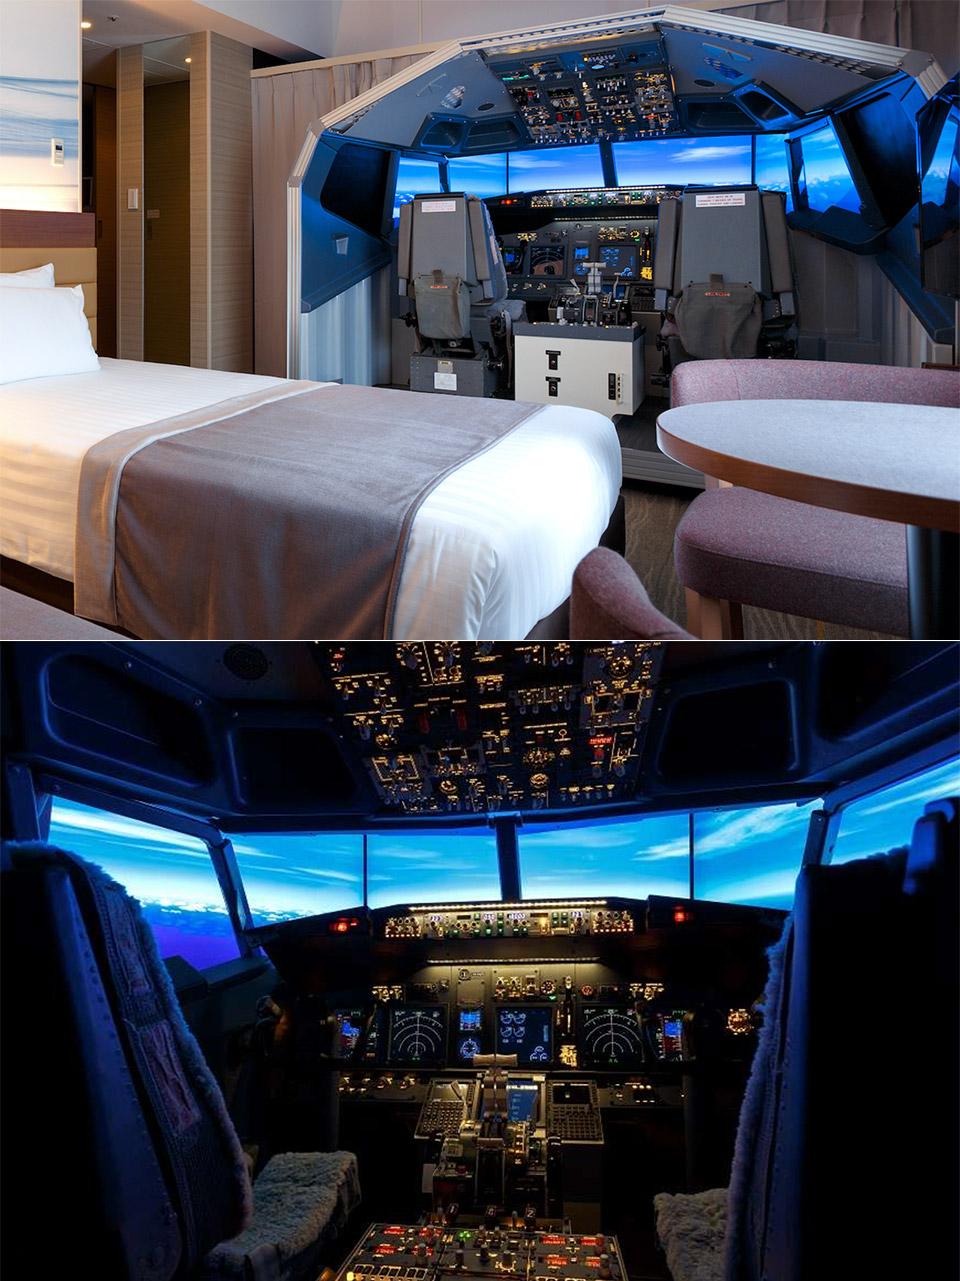 Haneda Excel Hotel Tokyu Flight Simulator Room